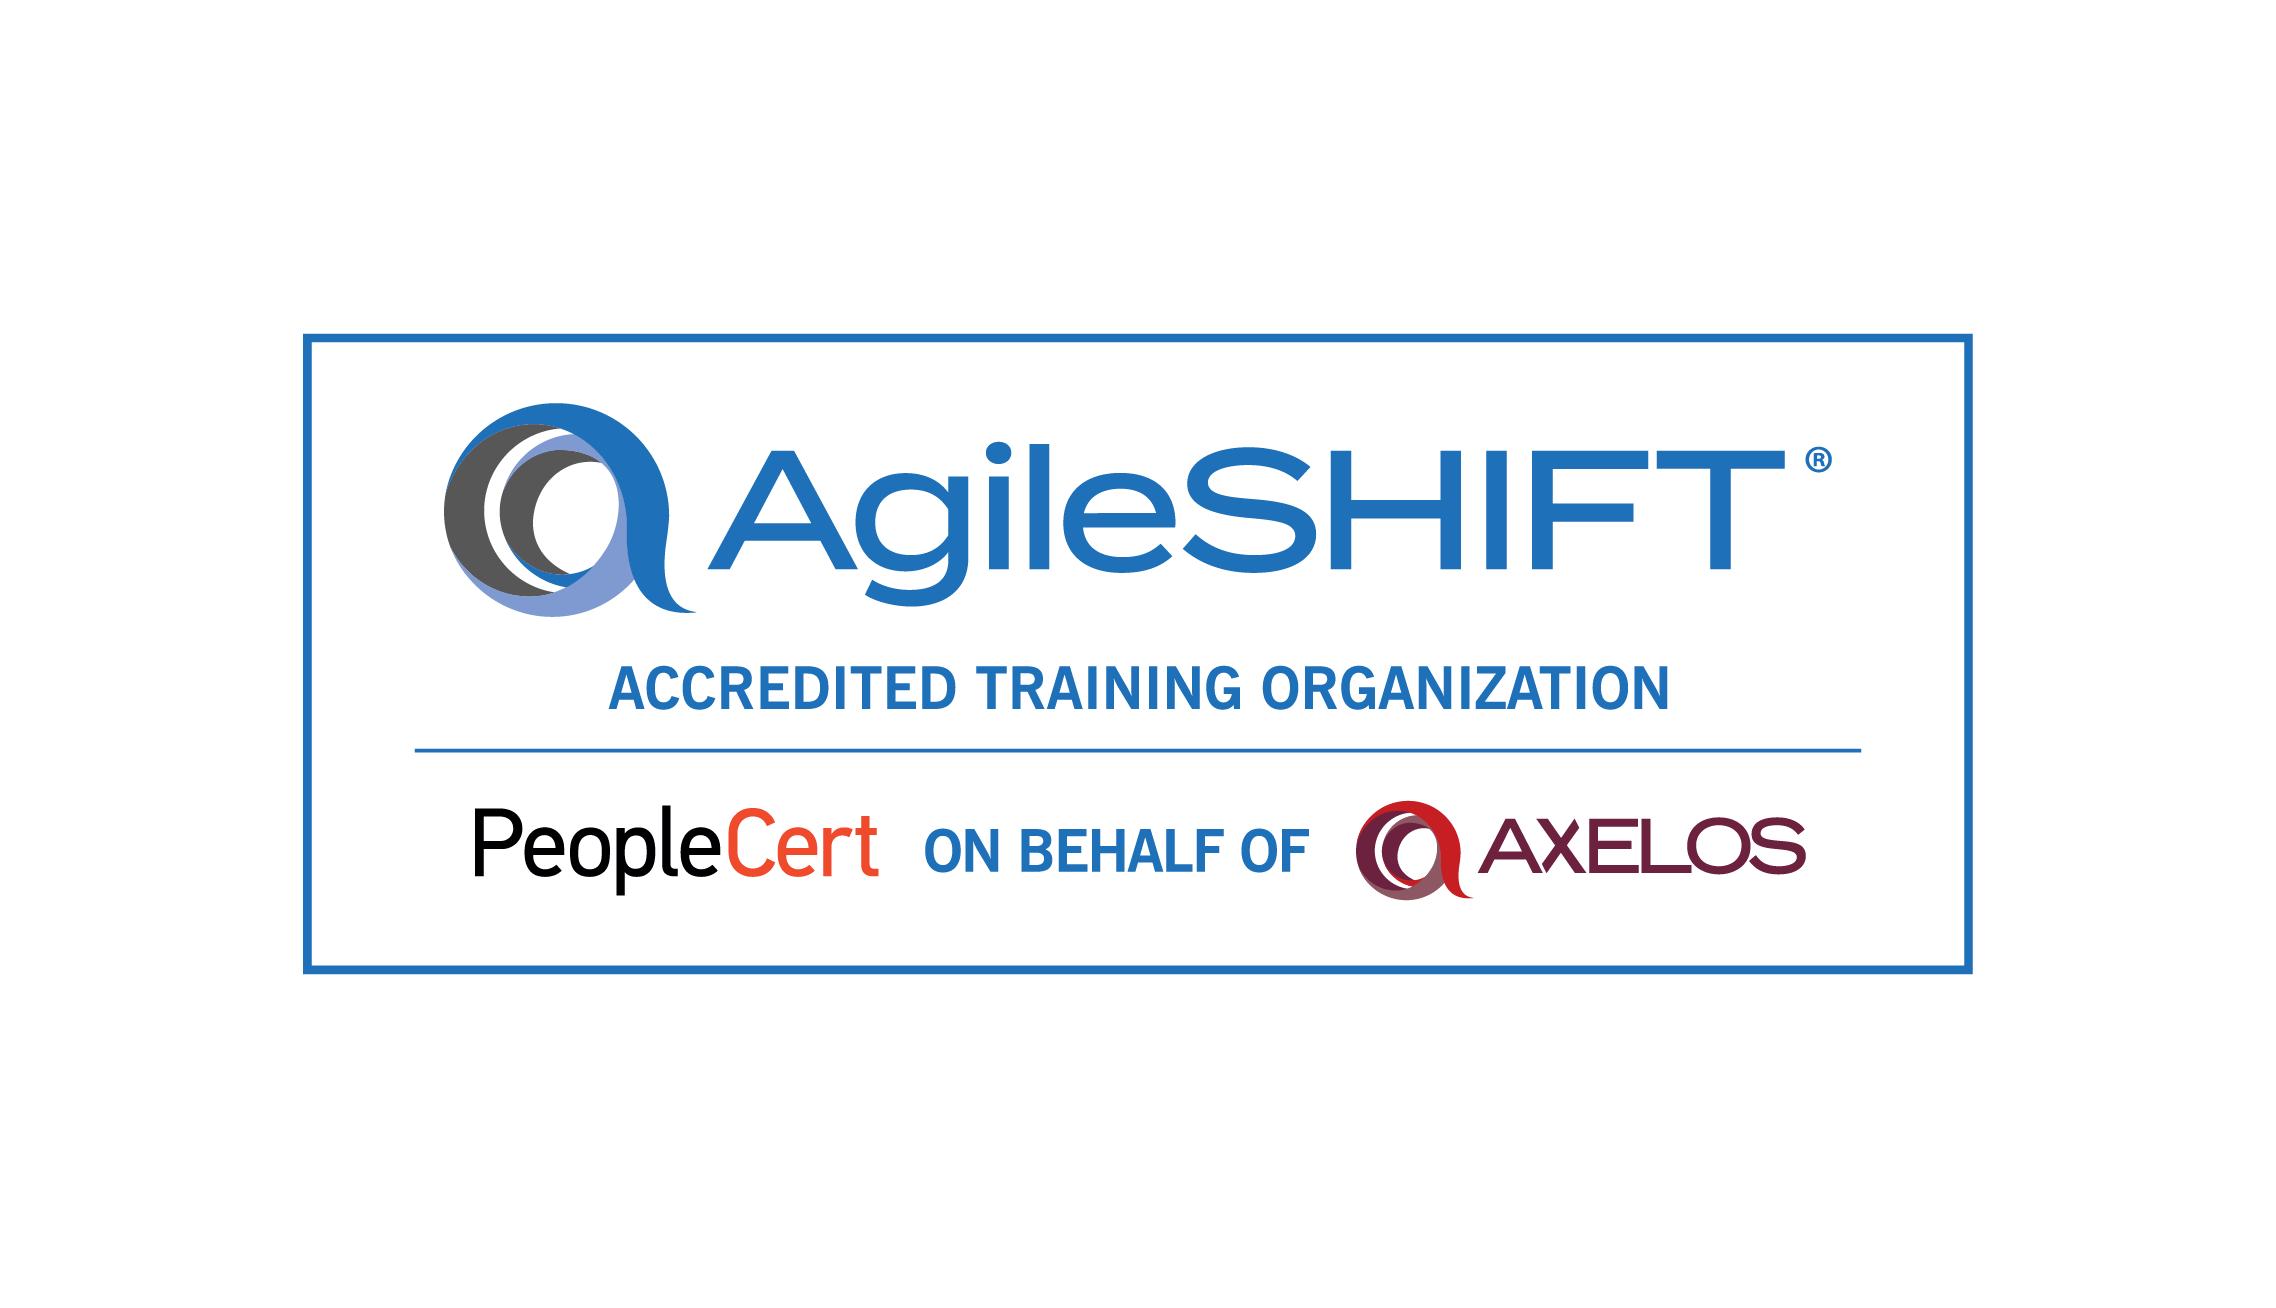 AgileSHIFT, agile, shift, scrum, lean